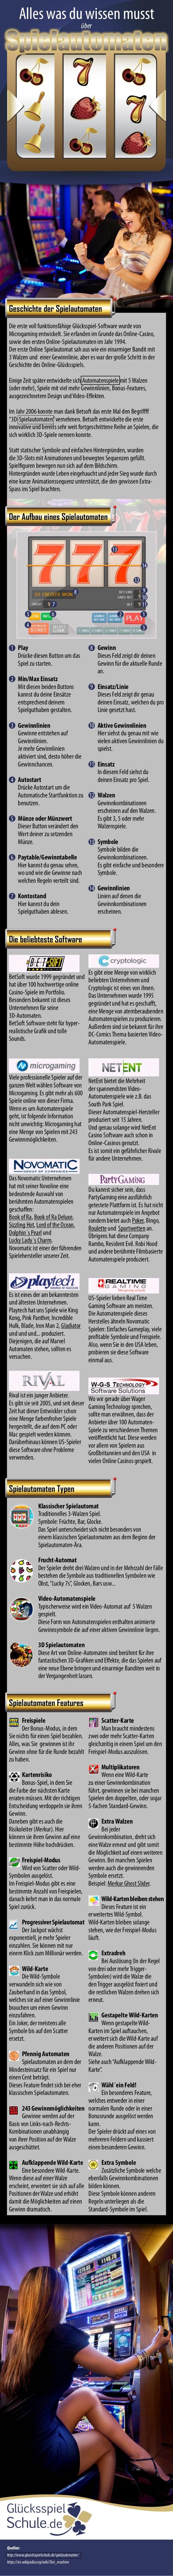 Quellen:  http://www.gluecksspielschule.de/spielautomaten/  https://en.wikipedia.org/wiki/Slot_machine  Alles was du wisse...